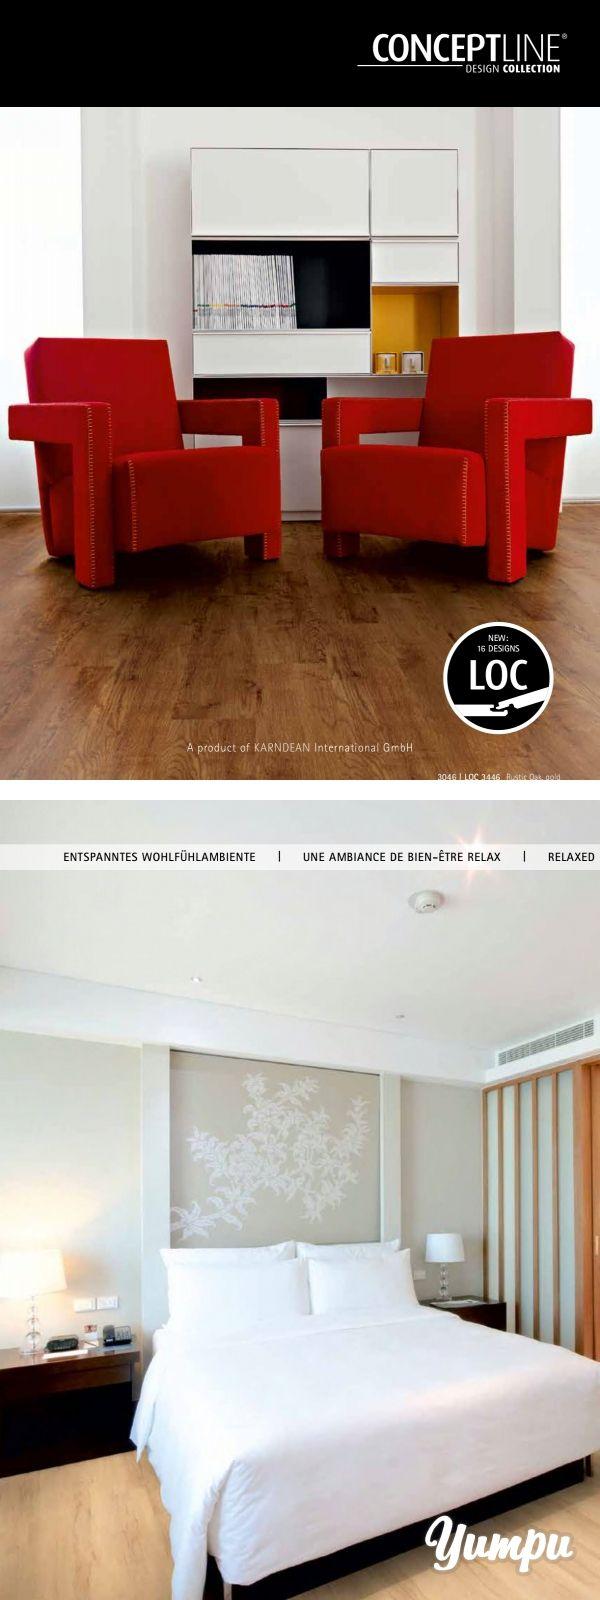 Magazin CONCEPTLINE Design Collection - Erleben Sie die Vielfalt von Vinylboden. Tolle Gestaltungsmölichkeiten ergeben sich durch diesen einzigartigen Bodenbelag.